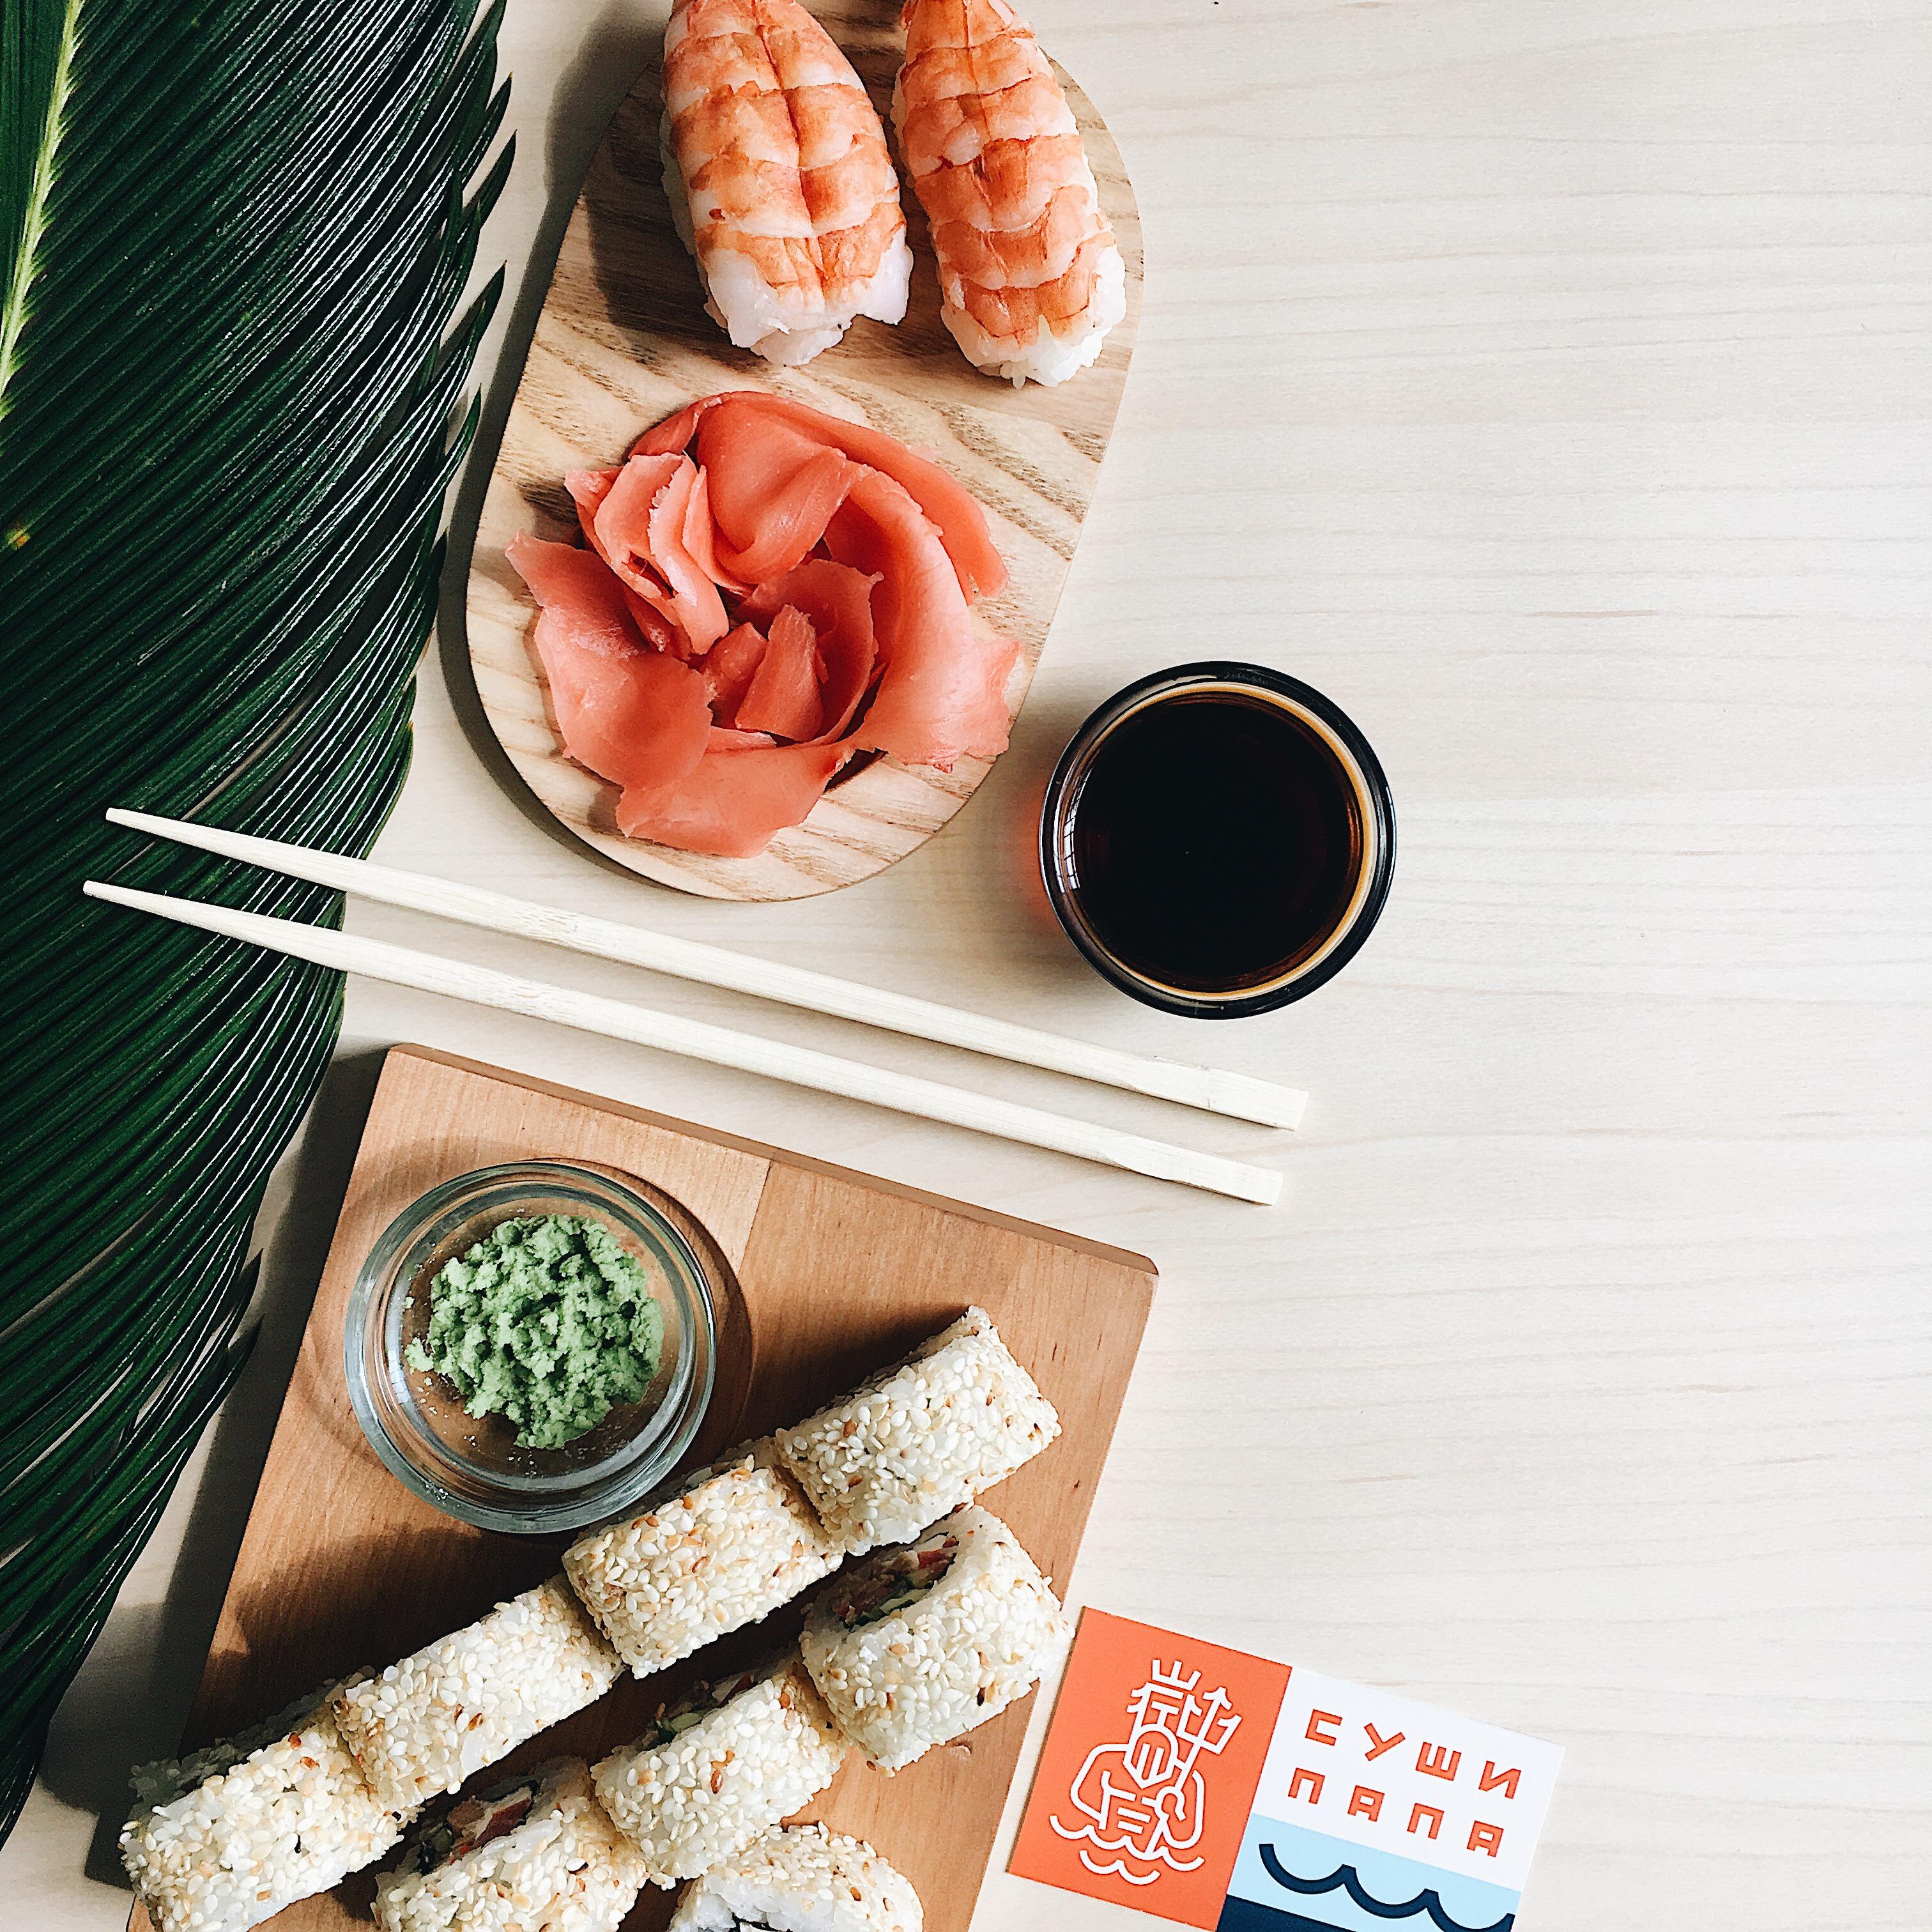 Как сделать имбирь для суши фото 678